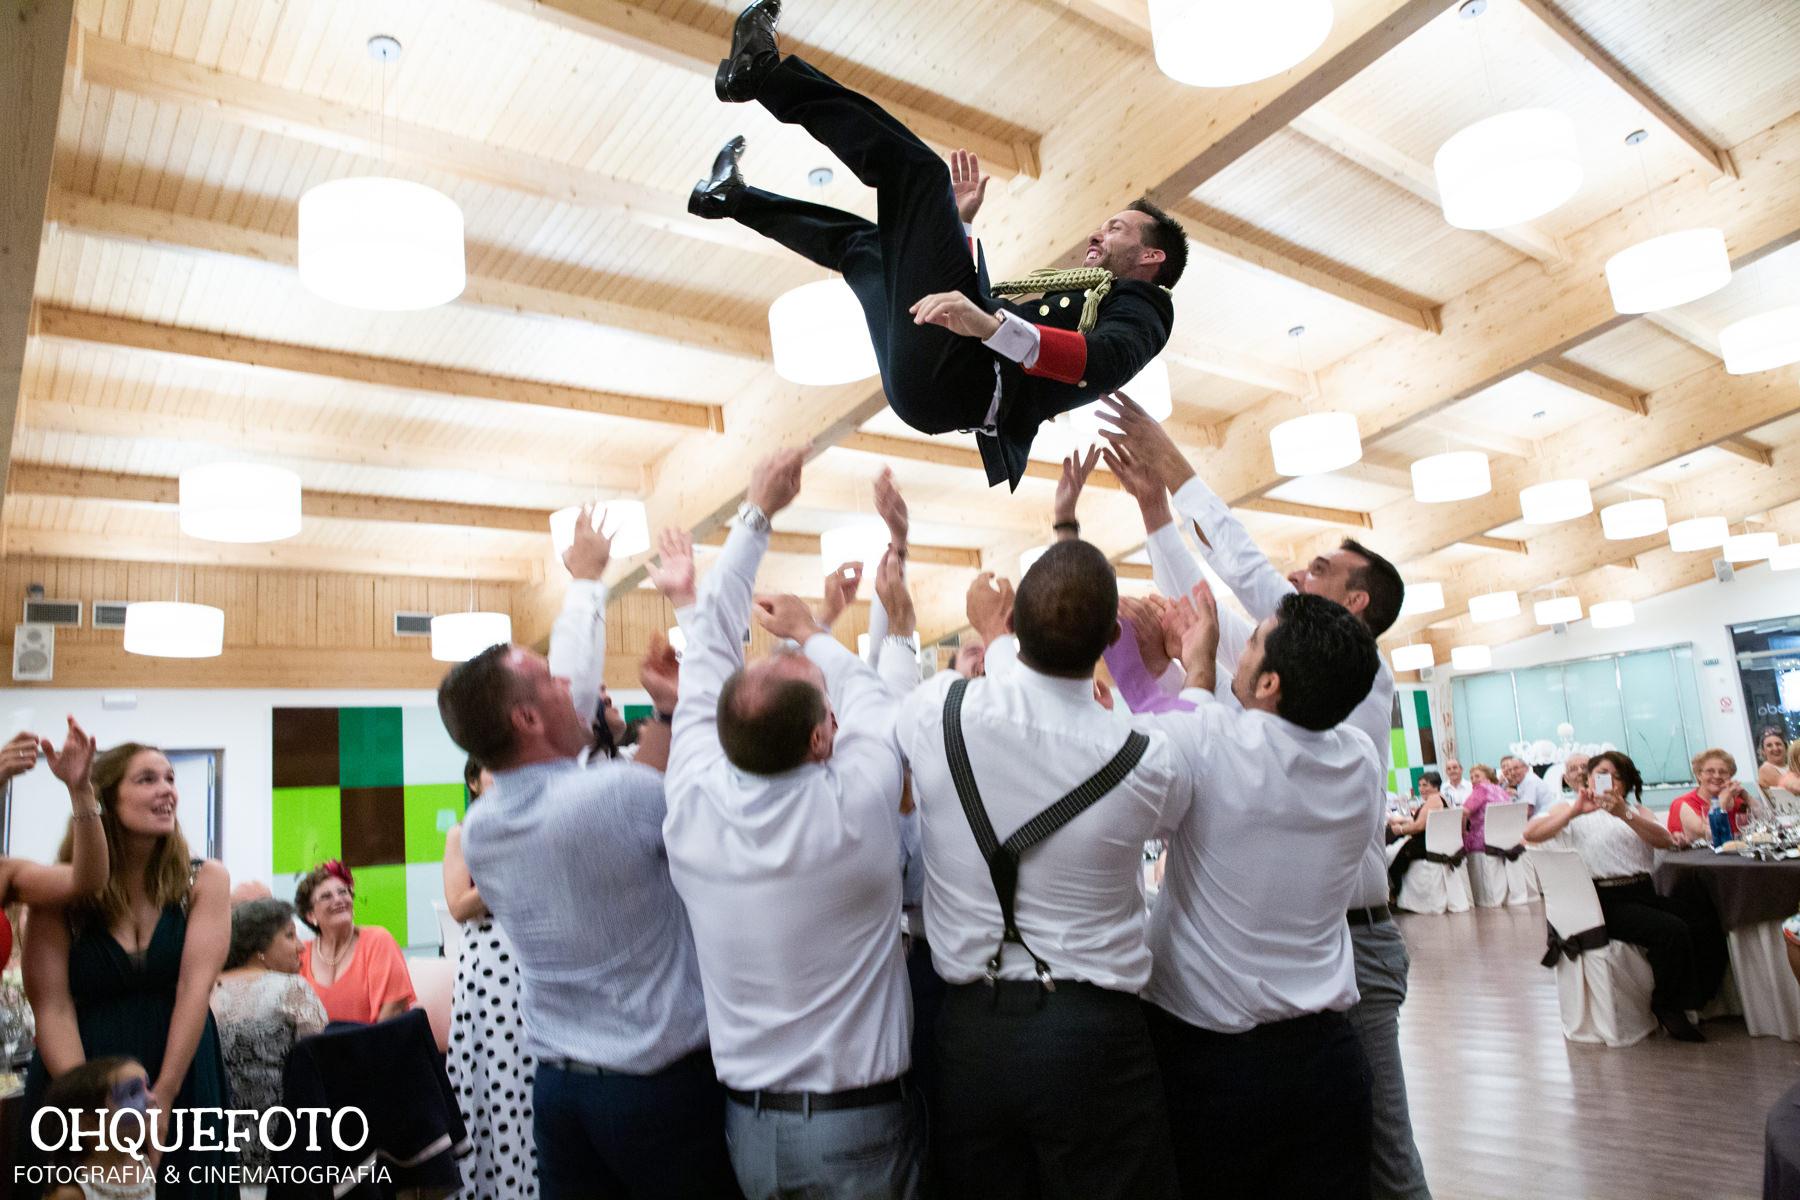 boda en la peraleda boda en cabeza del buey boda en capilla reportaje de bodas en almaden video de bodas en cordoba486 - Jose y Gema - Boda en Zarza Capilla y la Finca La Peraleda (Chillón)